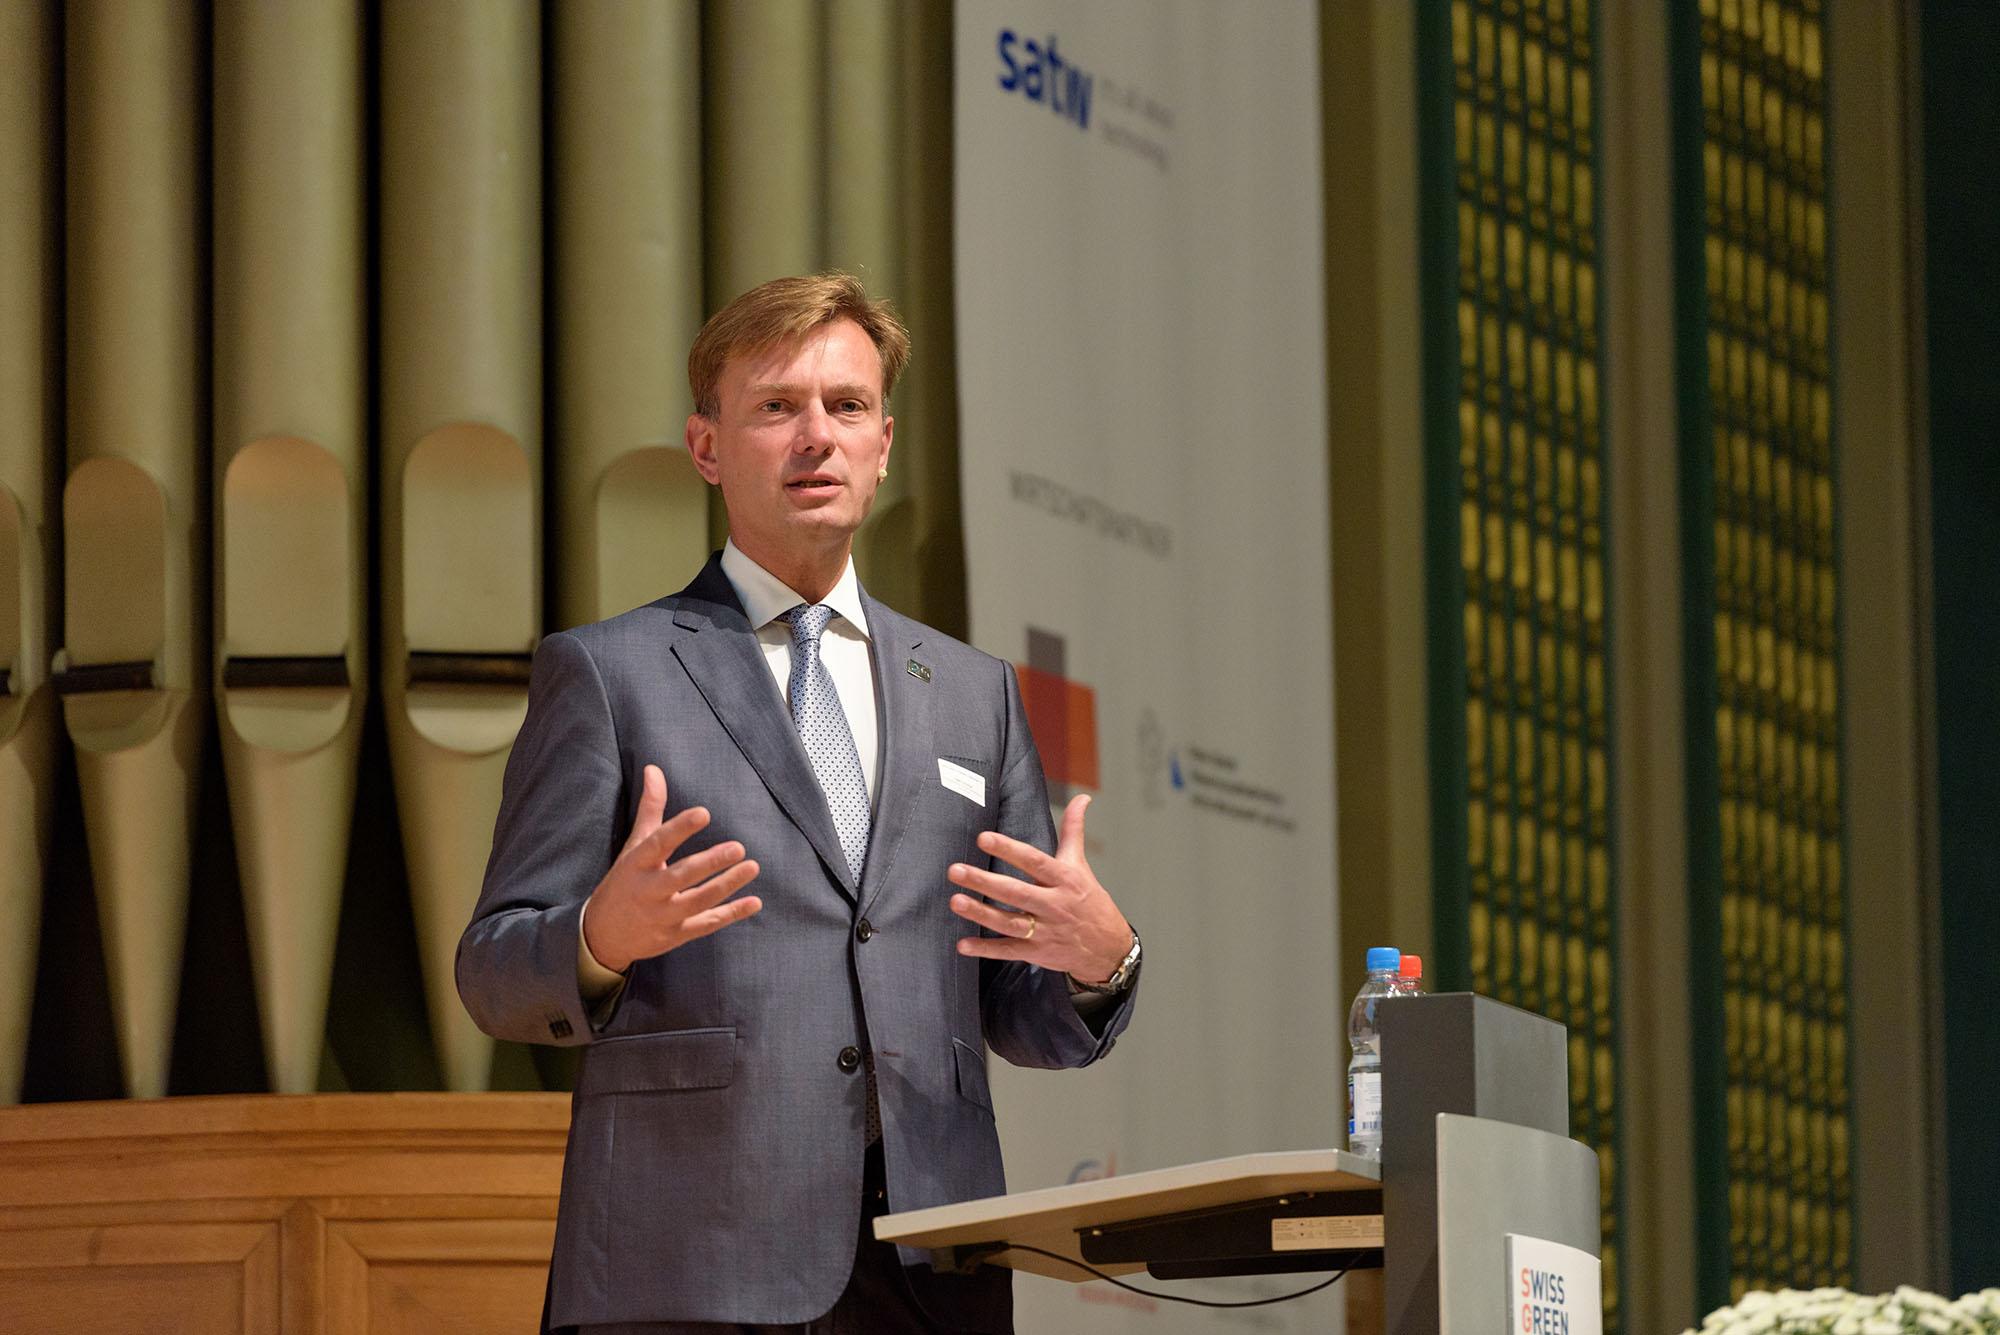 Christian Ewert, Director General of Foreign Trade Association, Brussels